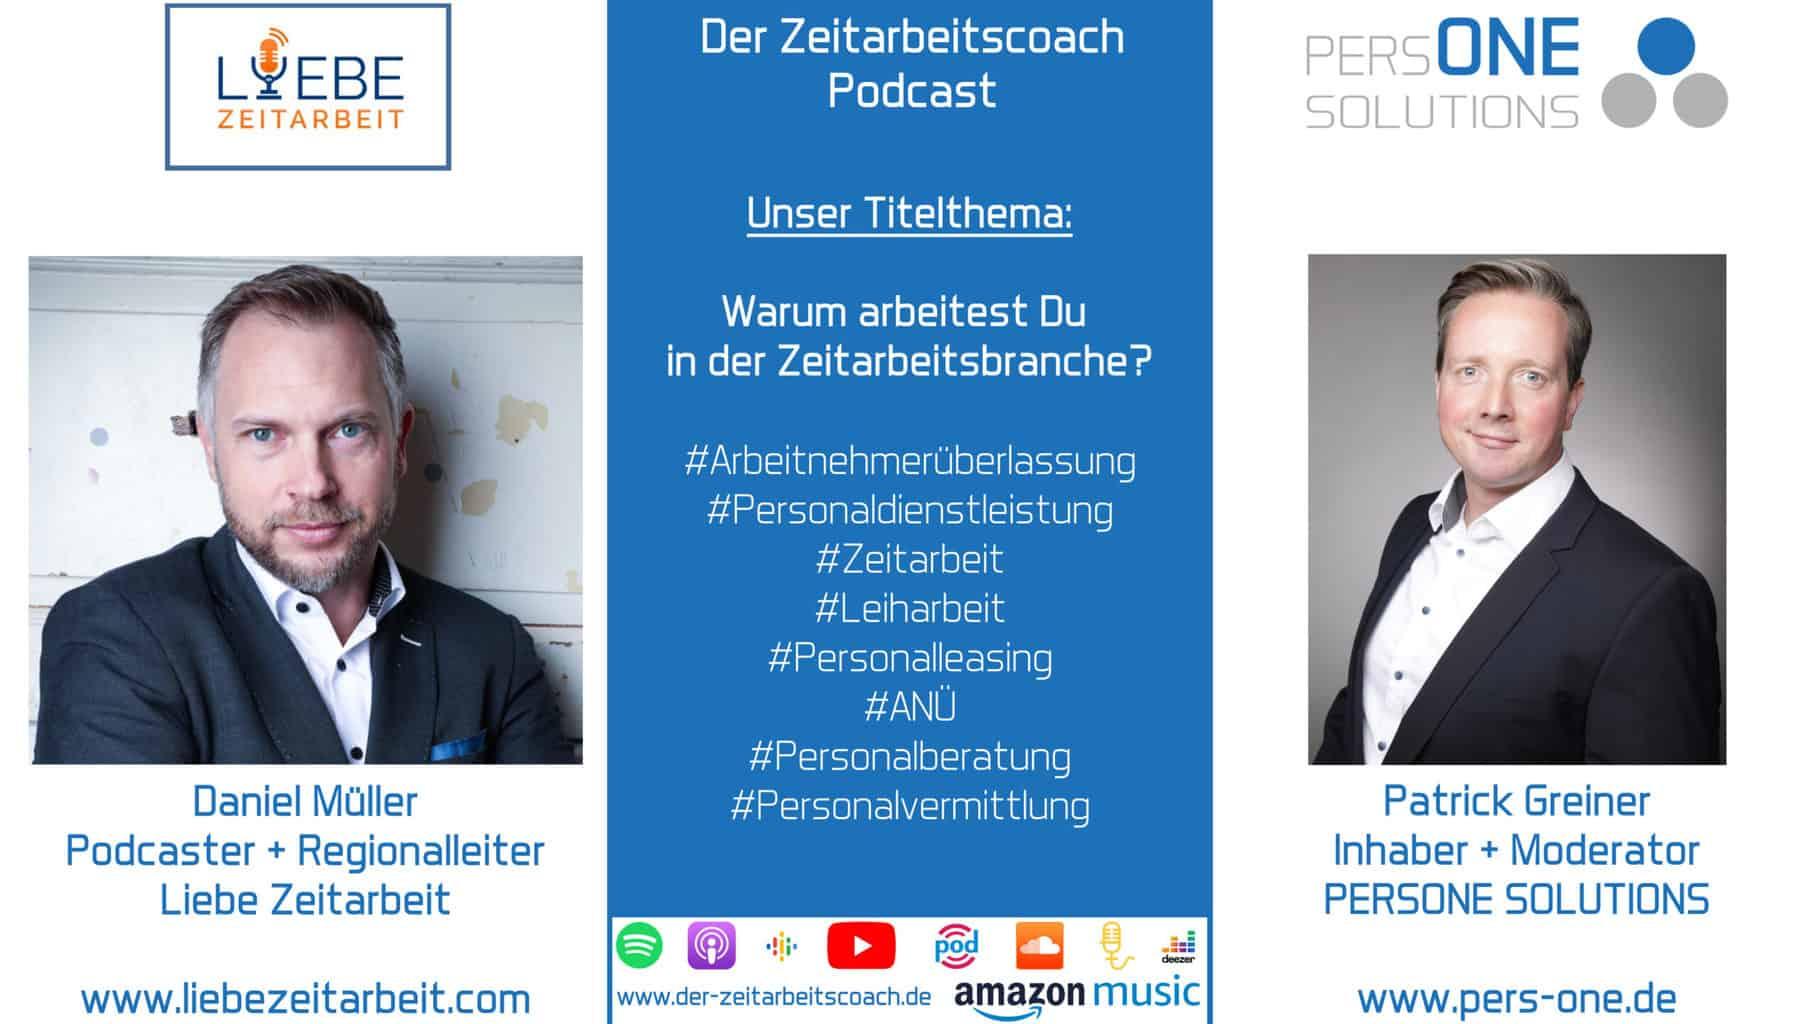 Müller, Daniel_JF03-21_Podcast YT Grafik-Interview_Zeitarbeitscoach-Podcast